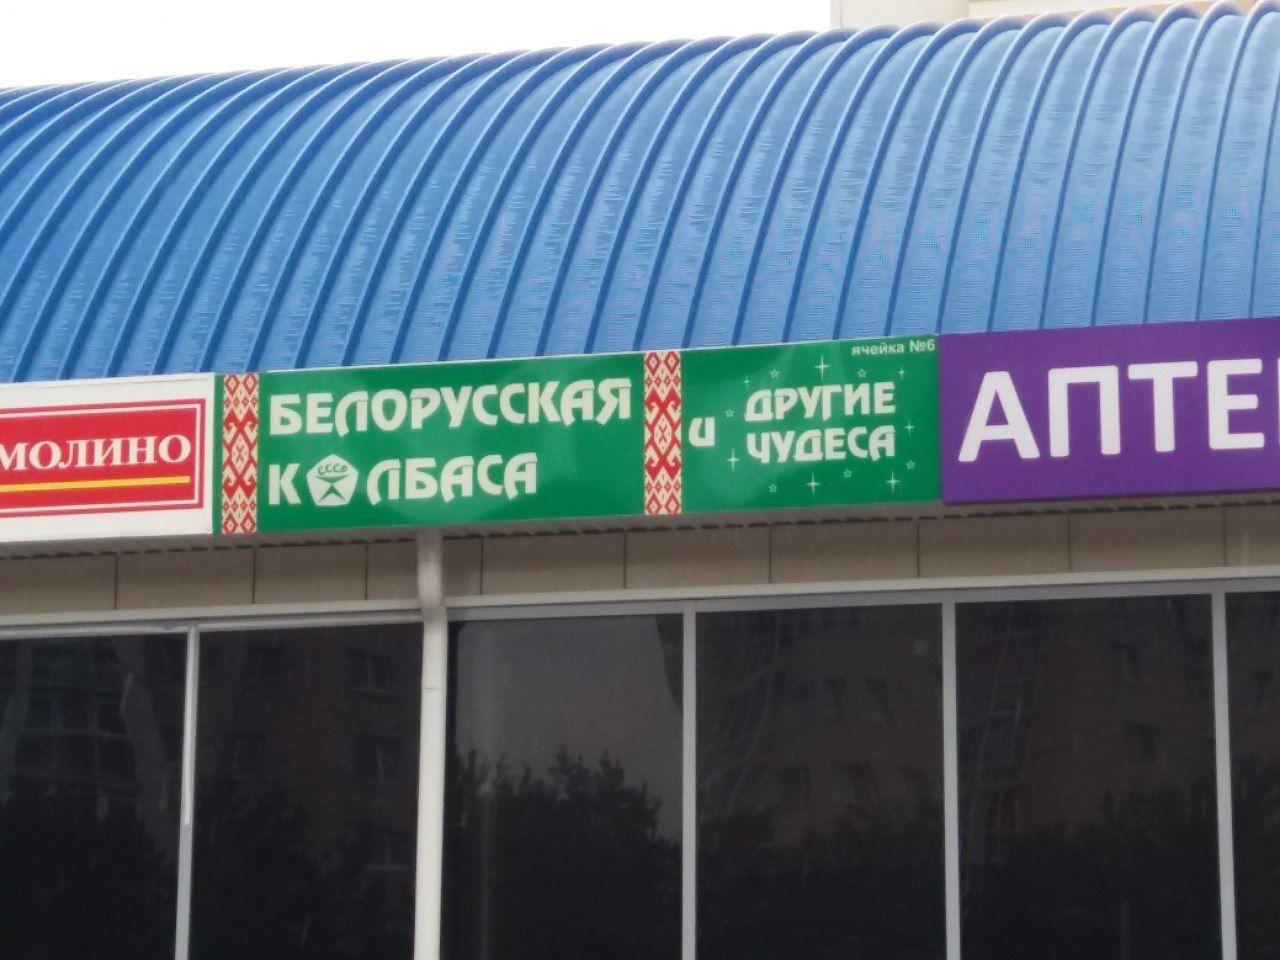 Белорусские чудеса